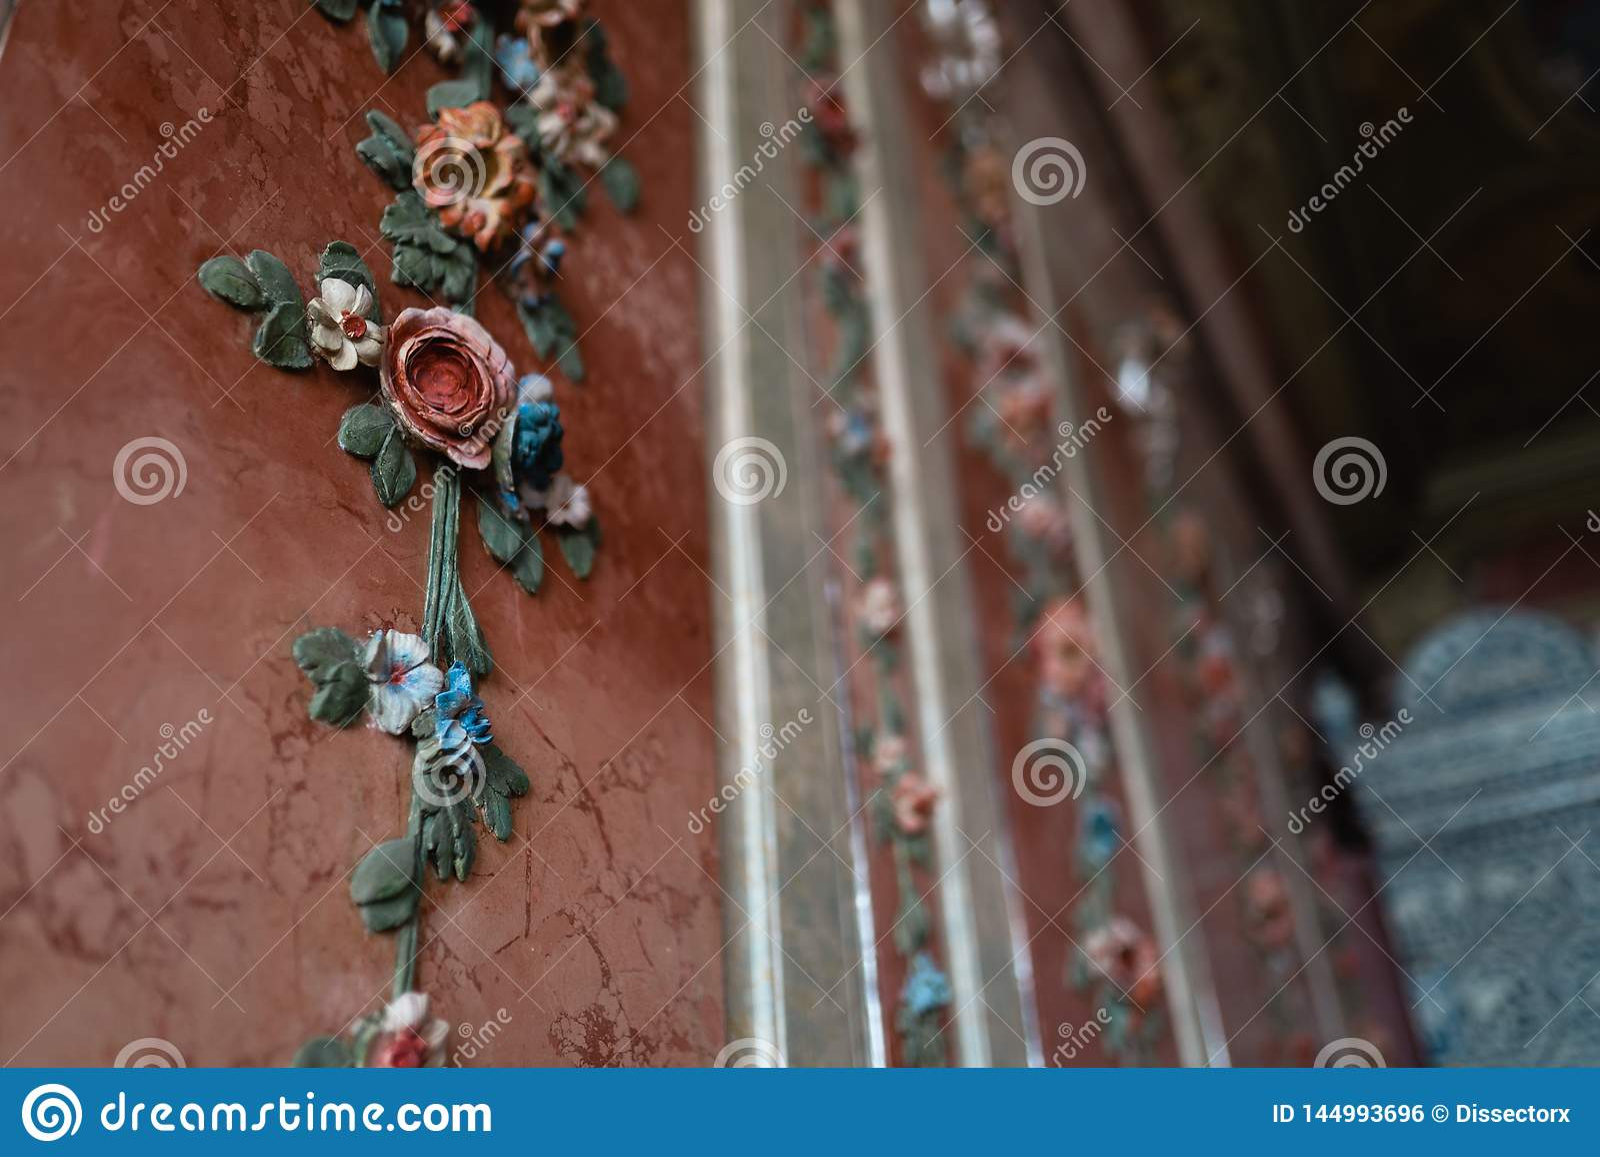 Koninklijke de bloemdecoratie van de paleismuur - Fresko kleurrijke aard in pastelkleur